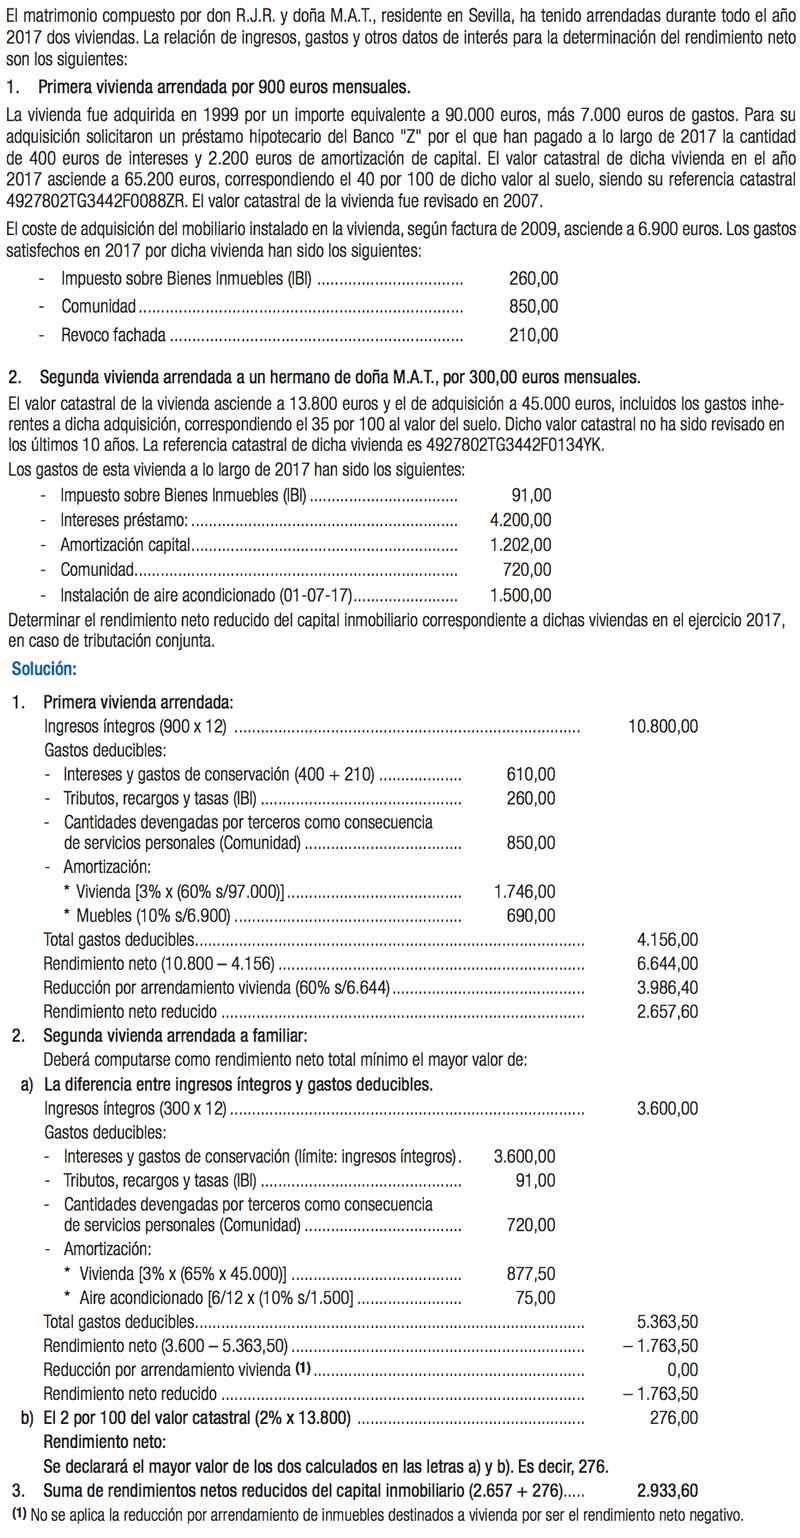 Cómo declarar el alquiler en la renta 2017 - Caseros - Enalquiler.com